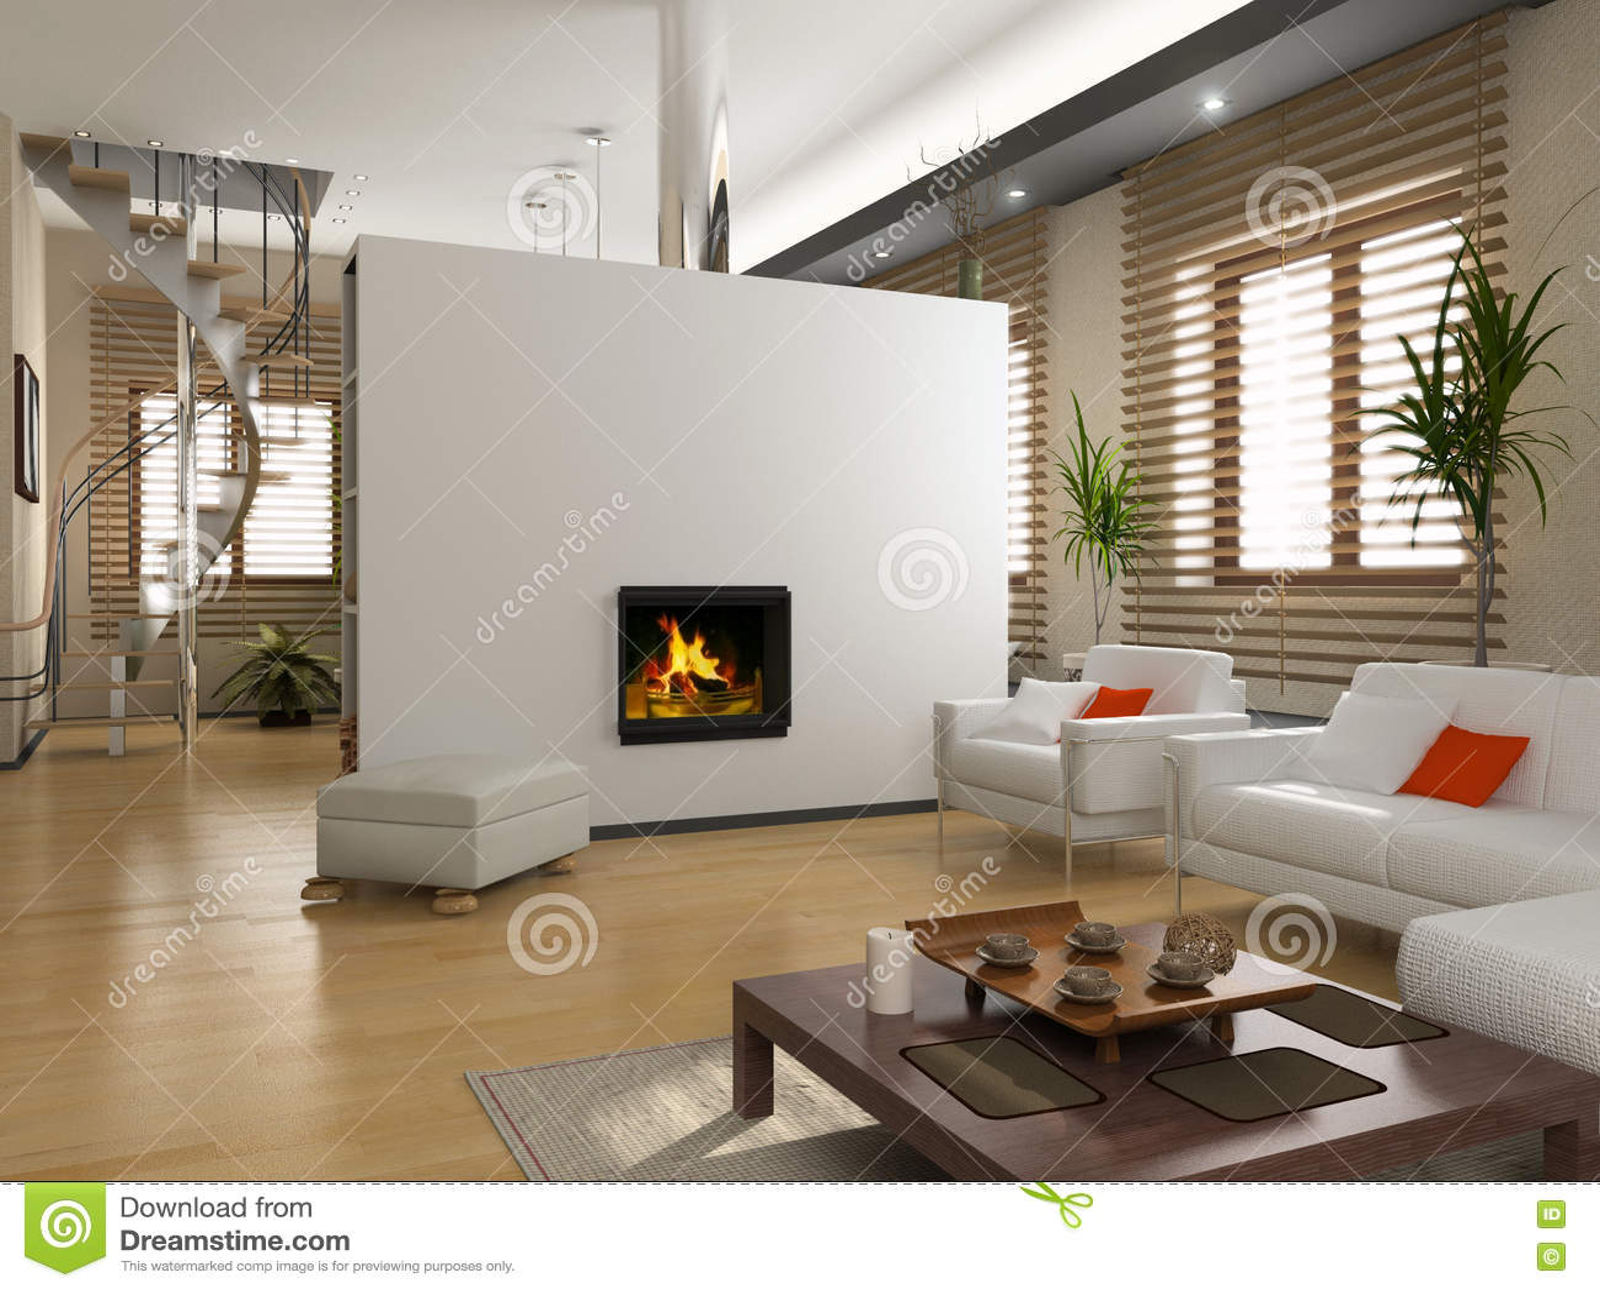 Int rieur moderne images libres de droits image 3050589 for Cheminee interieur moderne